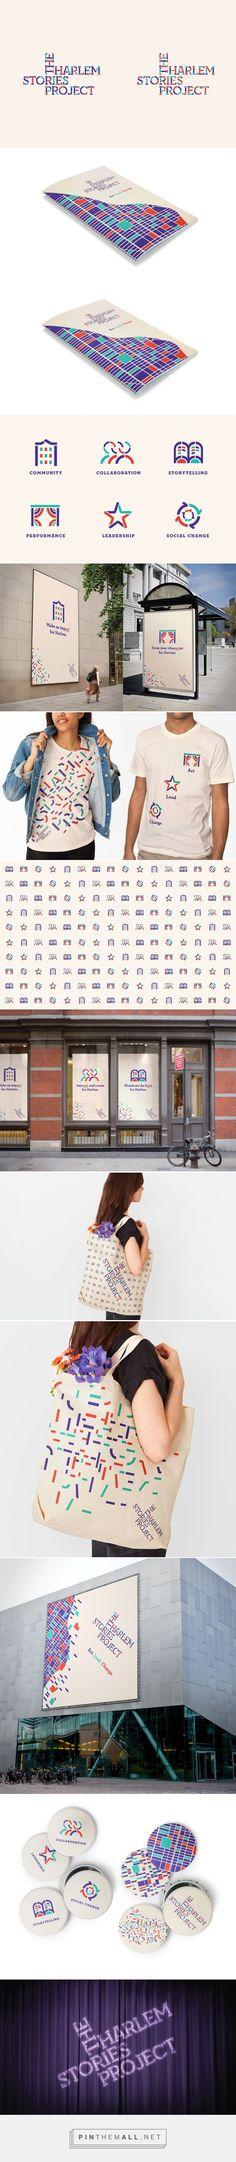 Hyperakt   Capturing the energy ofHarlem   Fivestar Branding – Design and Branding Agency & Inspiration Gallery